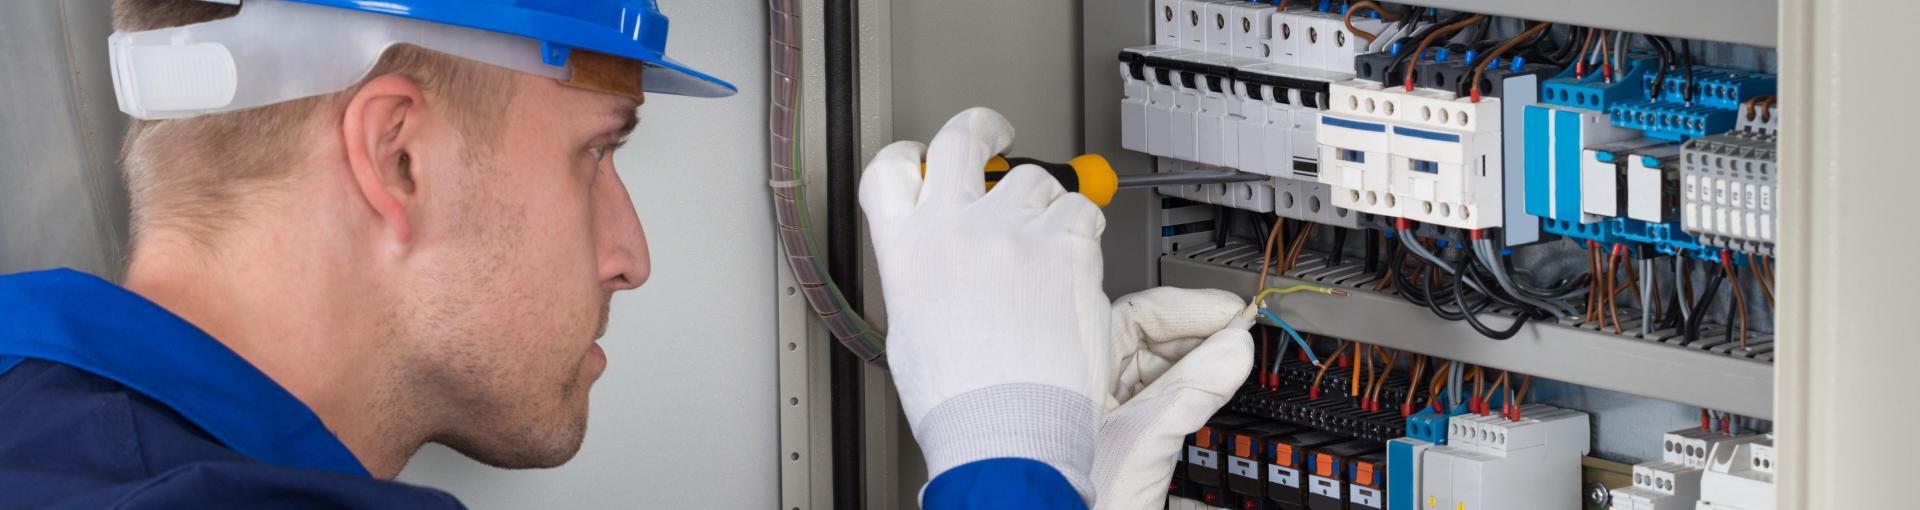 Installation électrotechnique